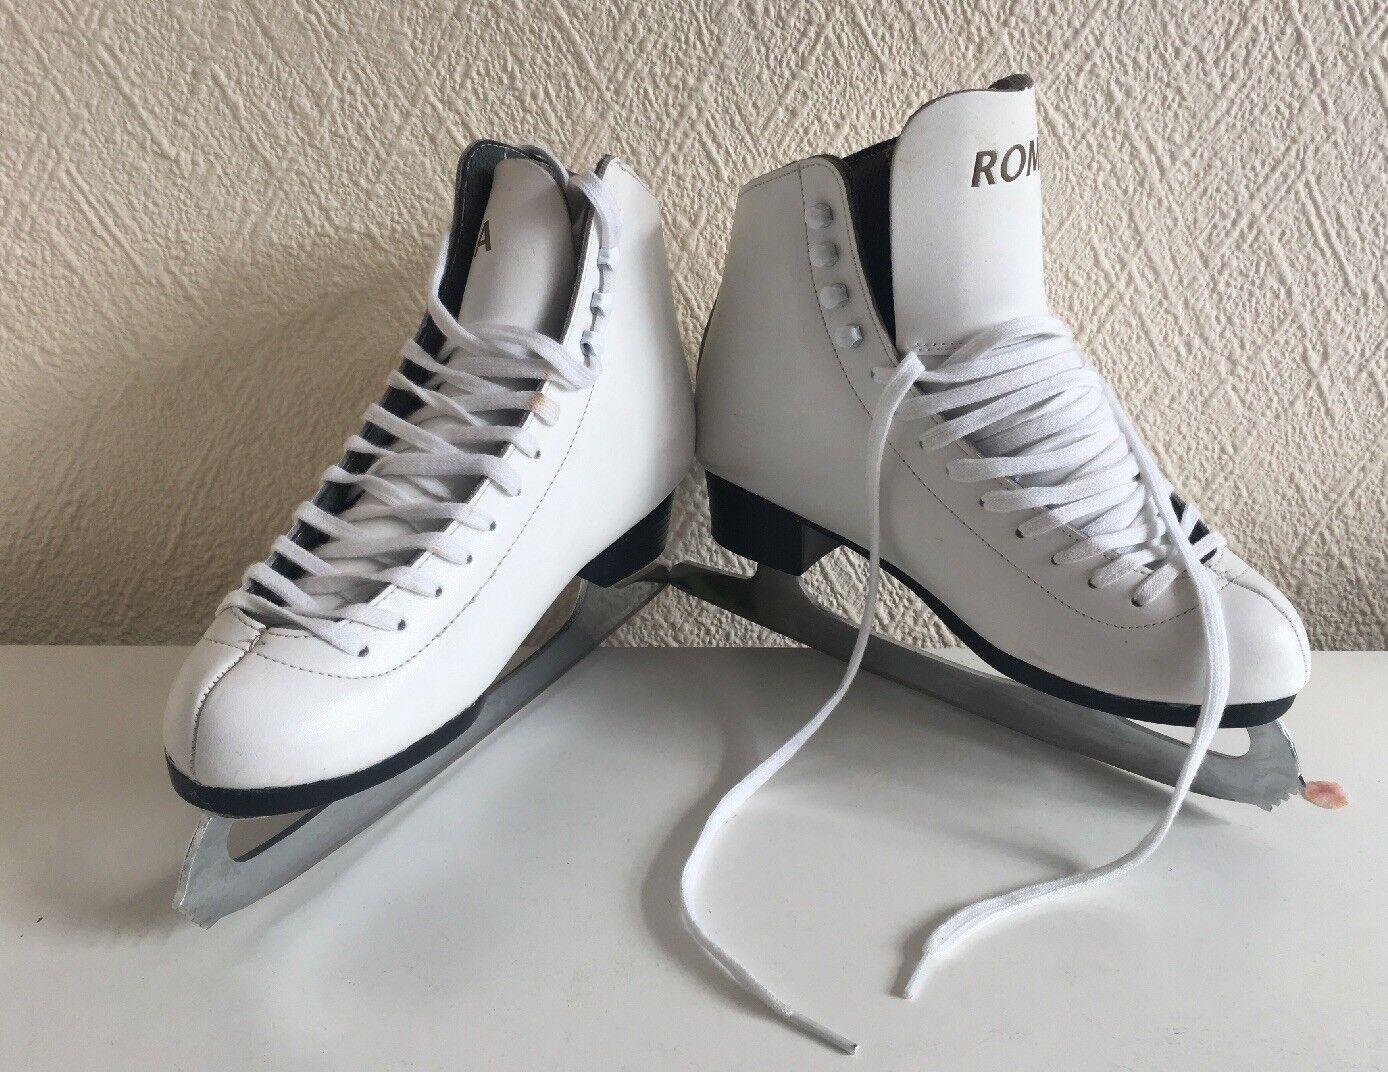 Ice Skating Boots - White - Roma - UK Size 6 - Hardly worn